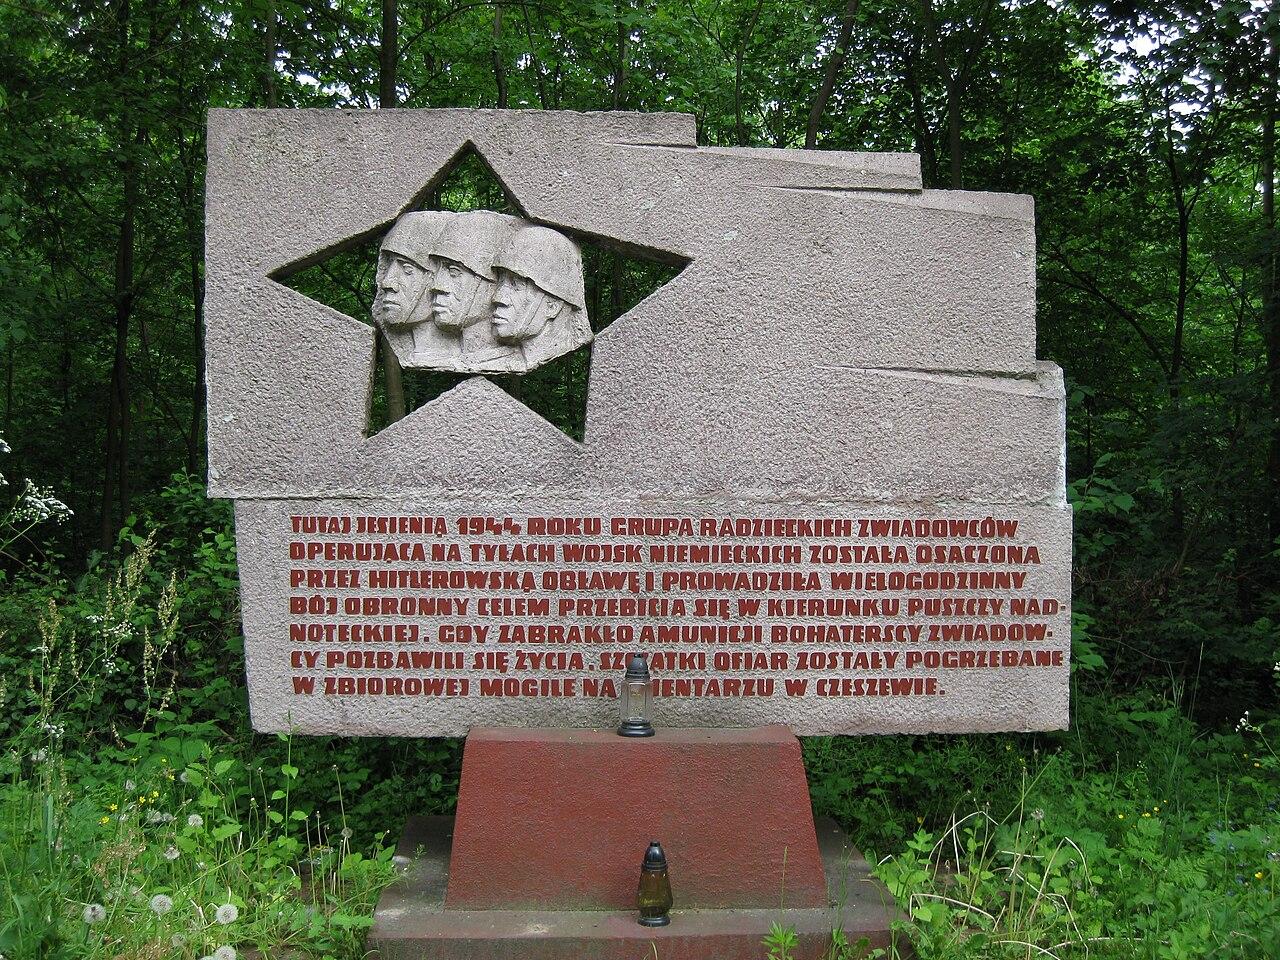 Pomnik Armii Czerwonej w Sarnicach